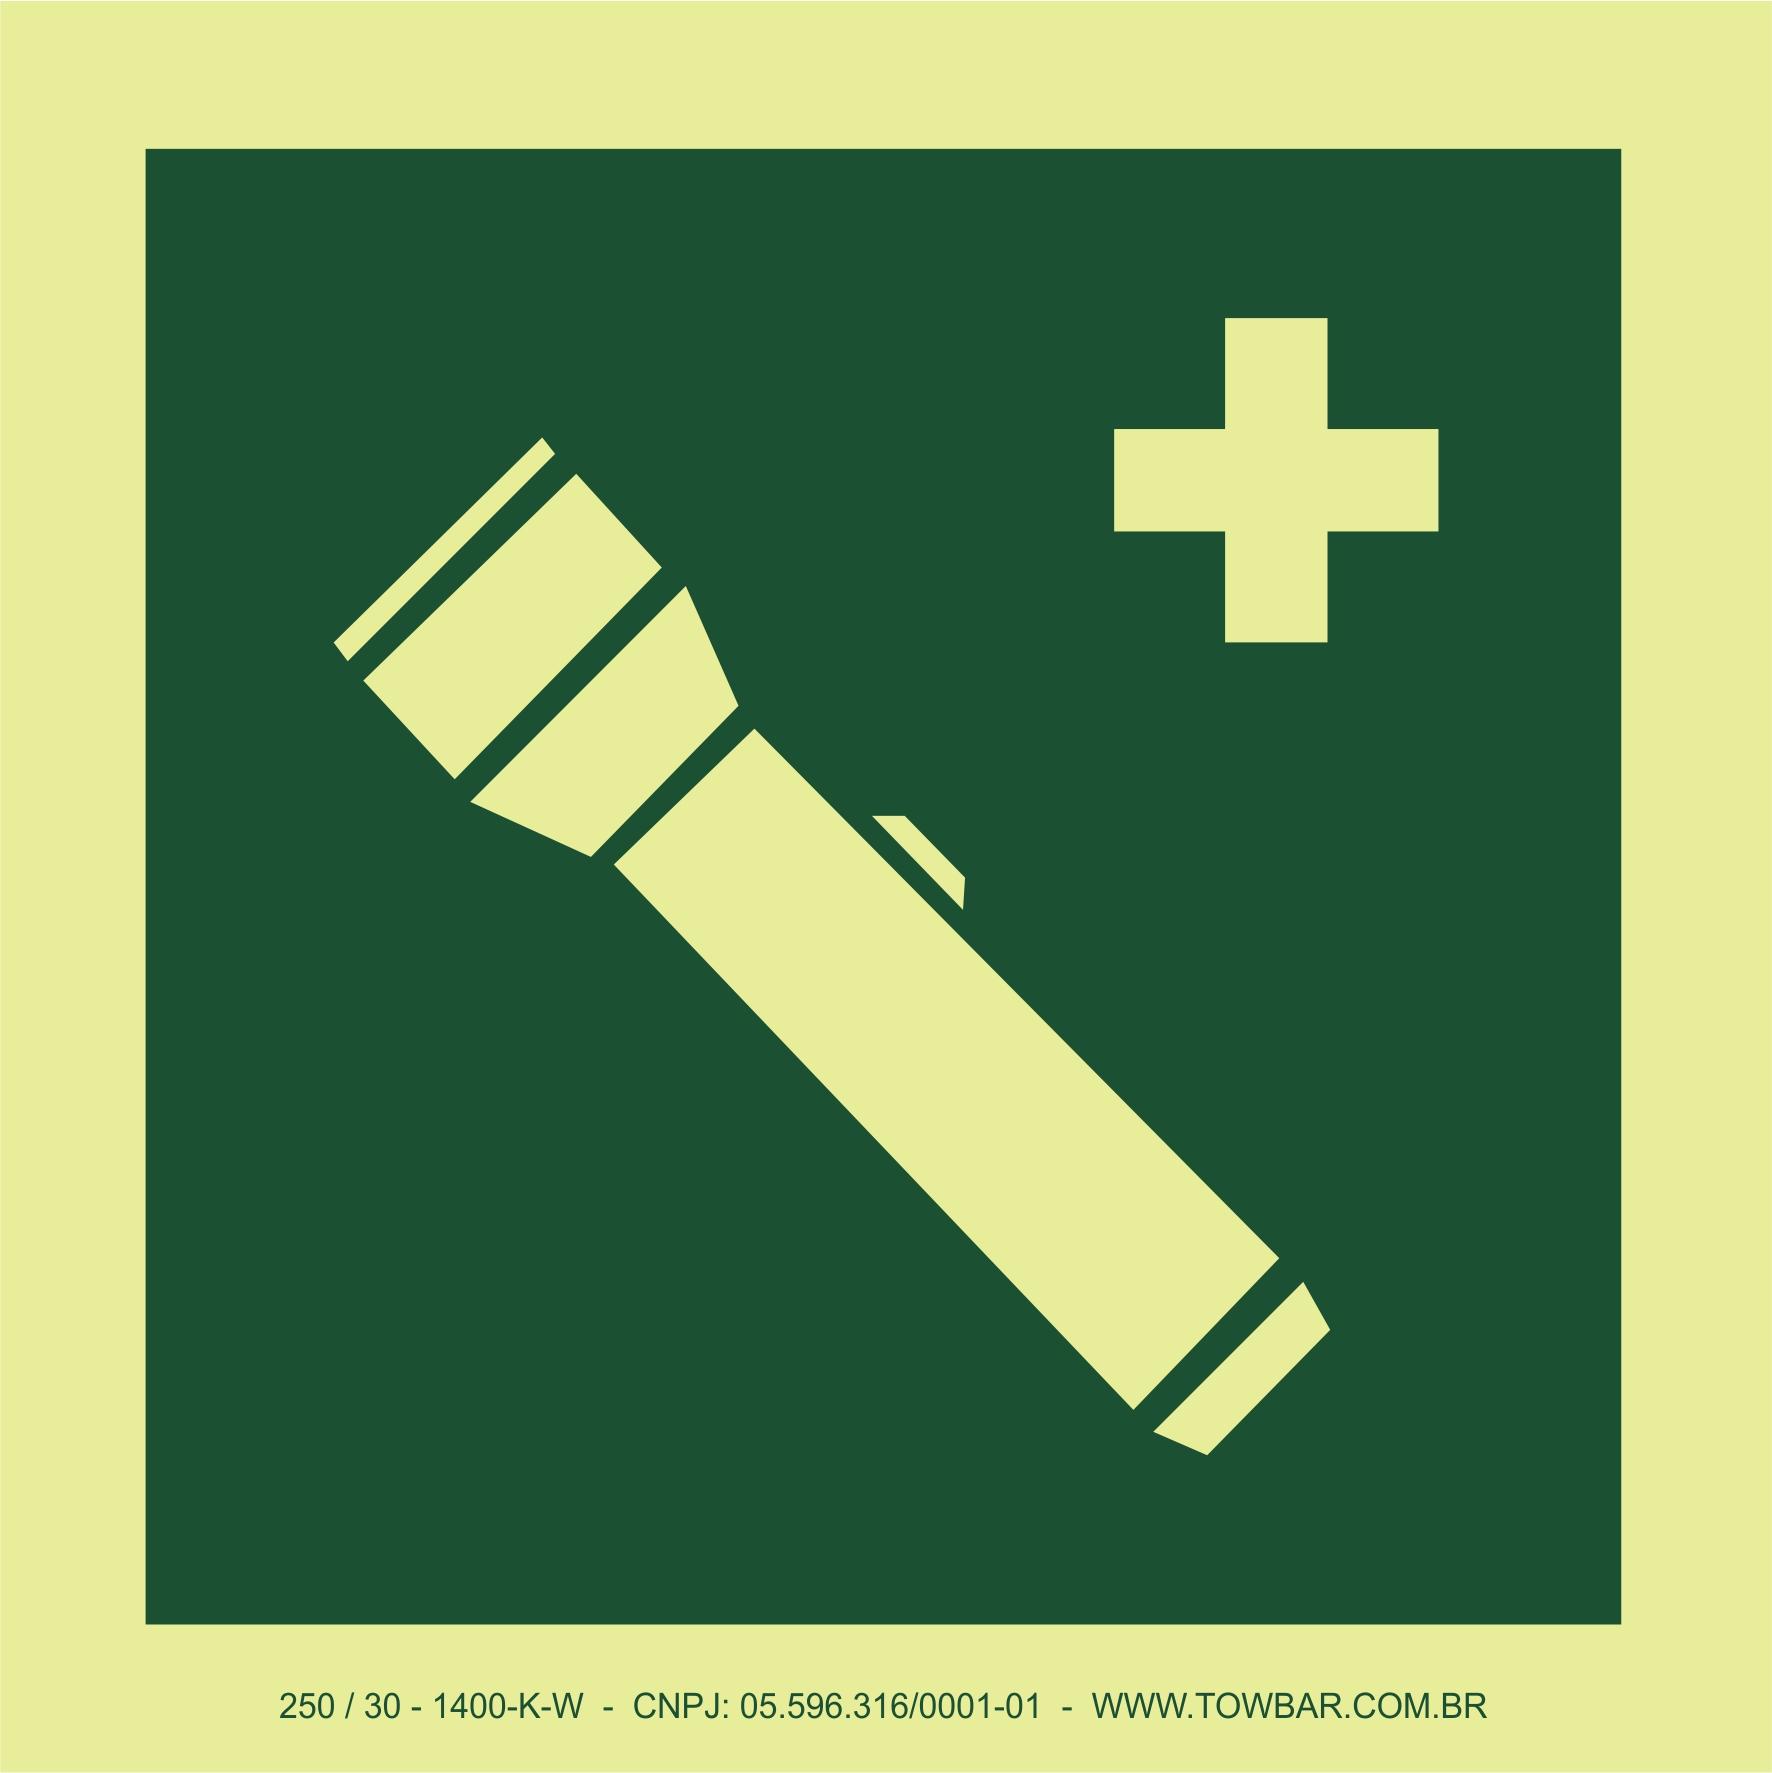 Lanterna de emergência (Emergency torch)  - Towbar Sinalização de Segurança